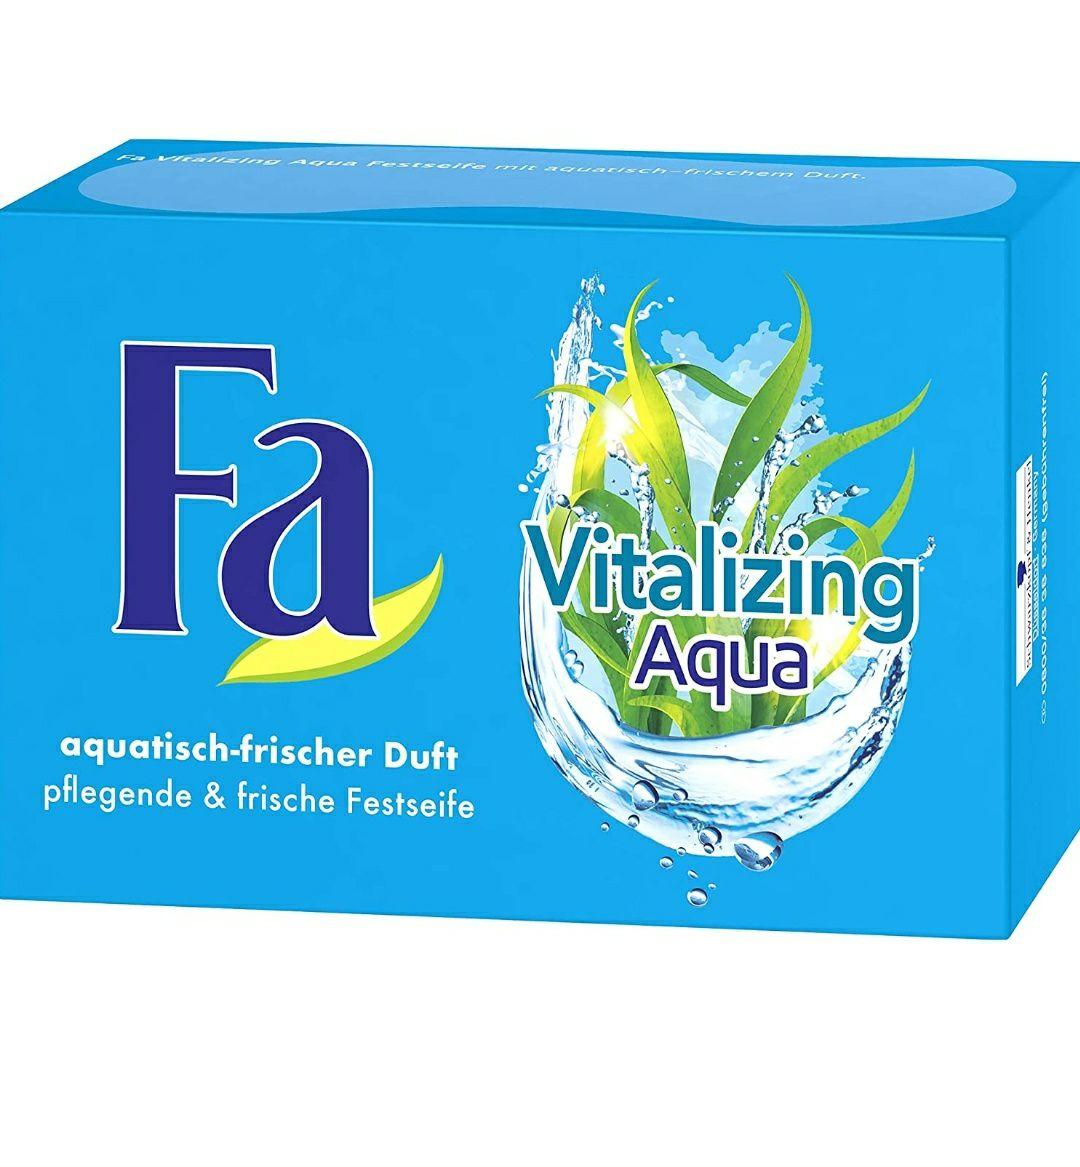 Fa Vitalizing Aqua Handzeep per stuk